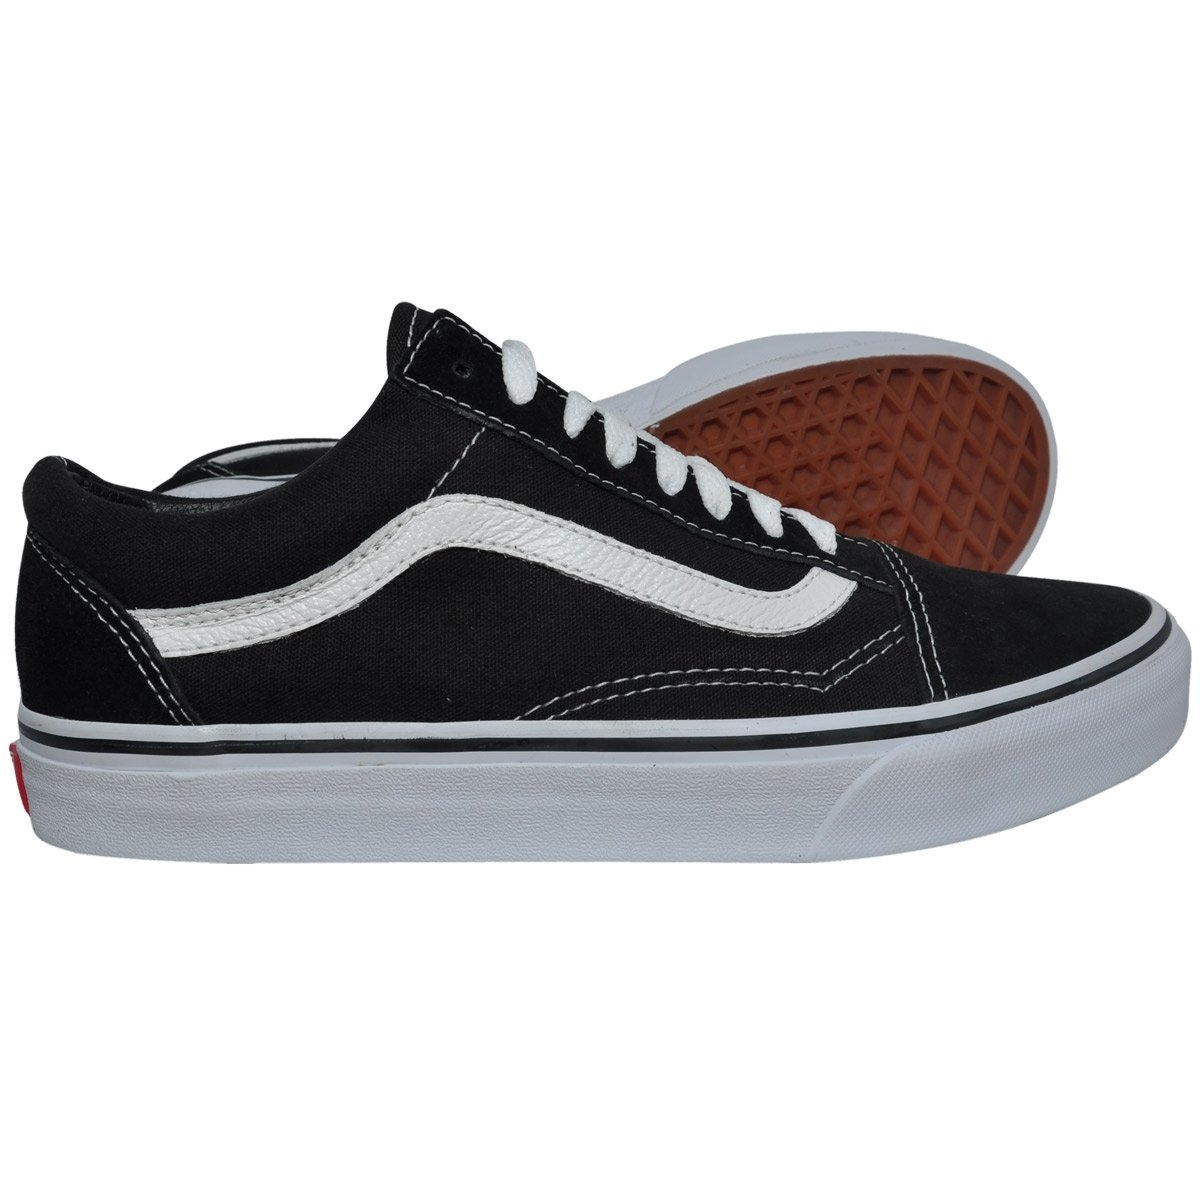 861a26eee8 Tênis Vans Old Skool Black - 43 - Compre Agora